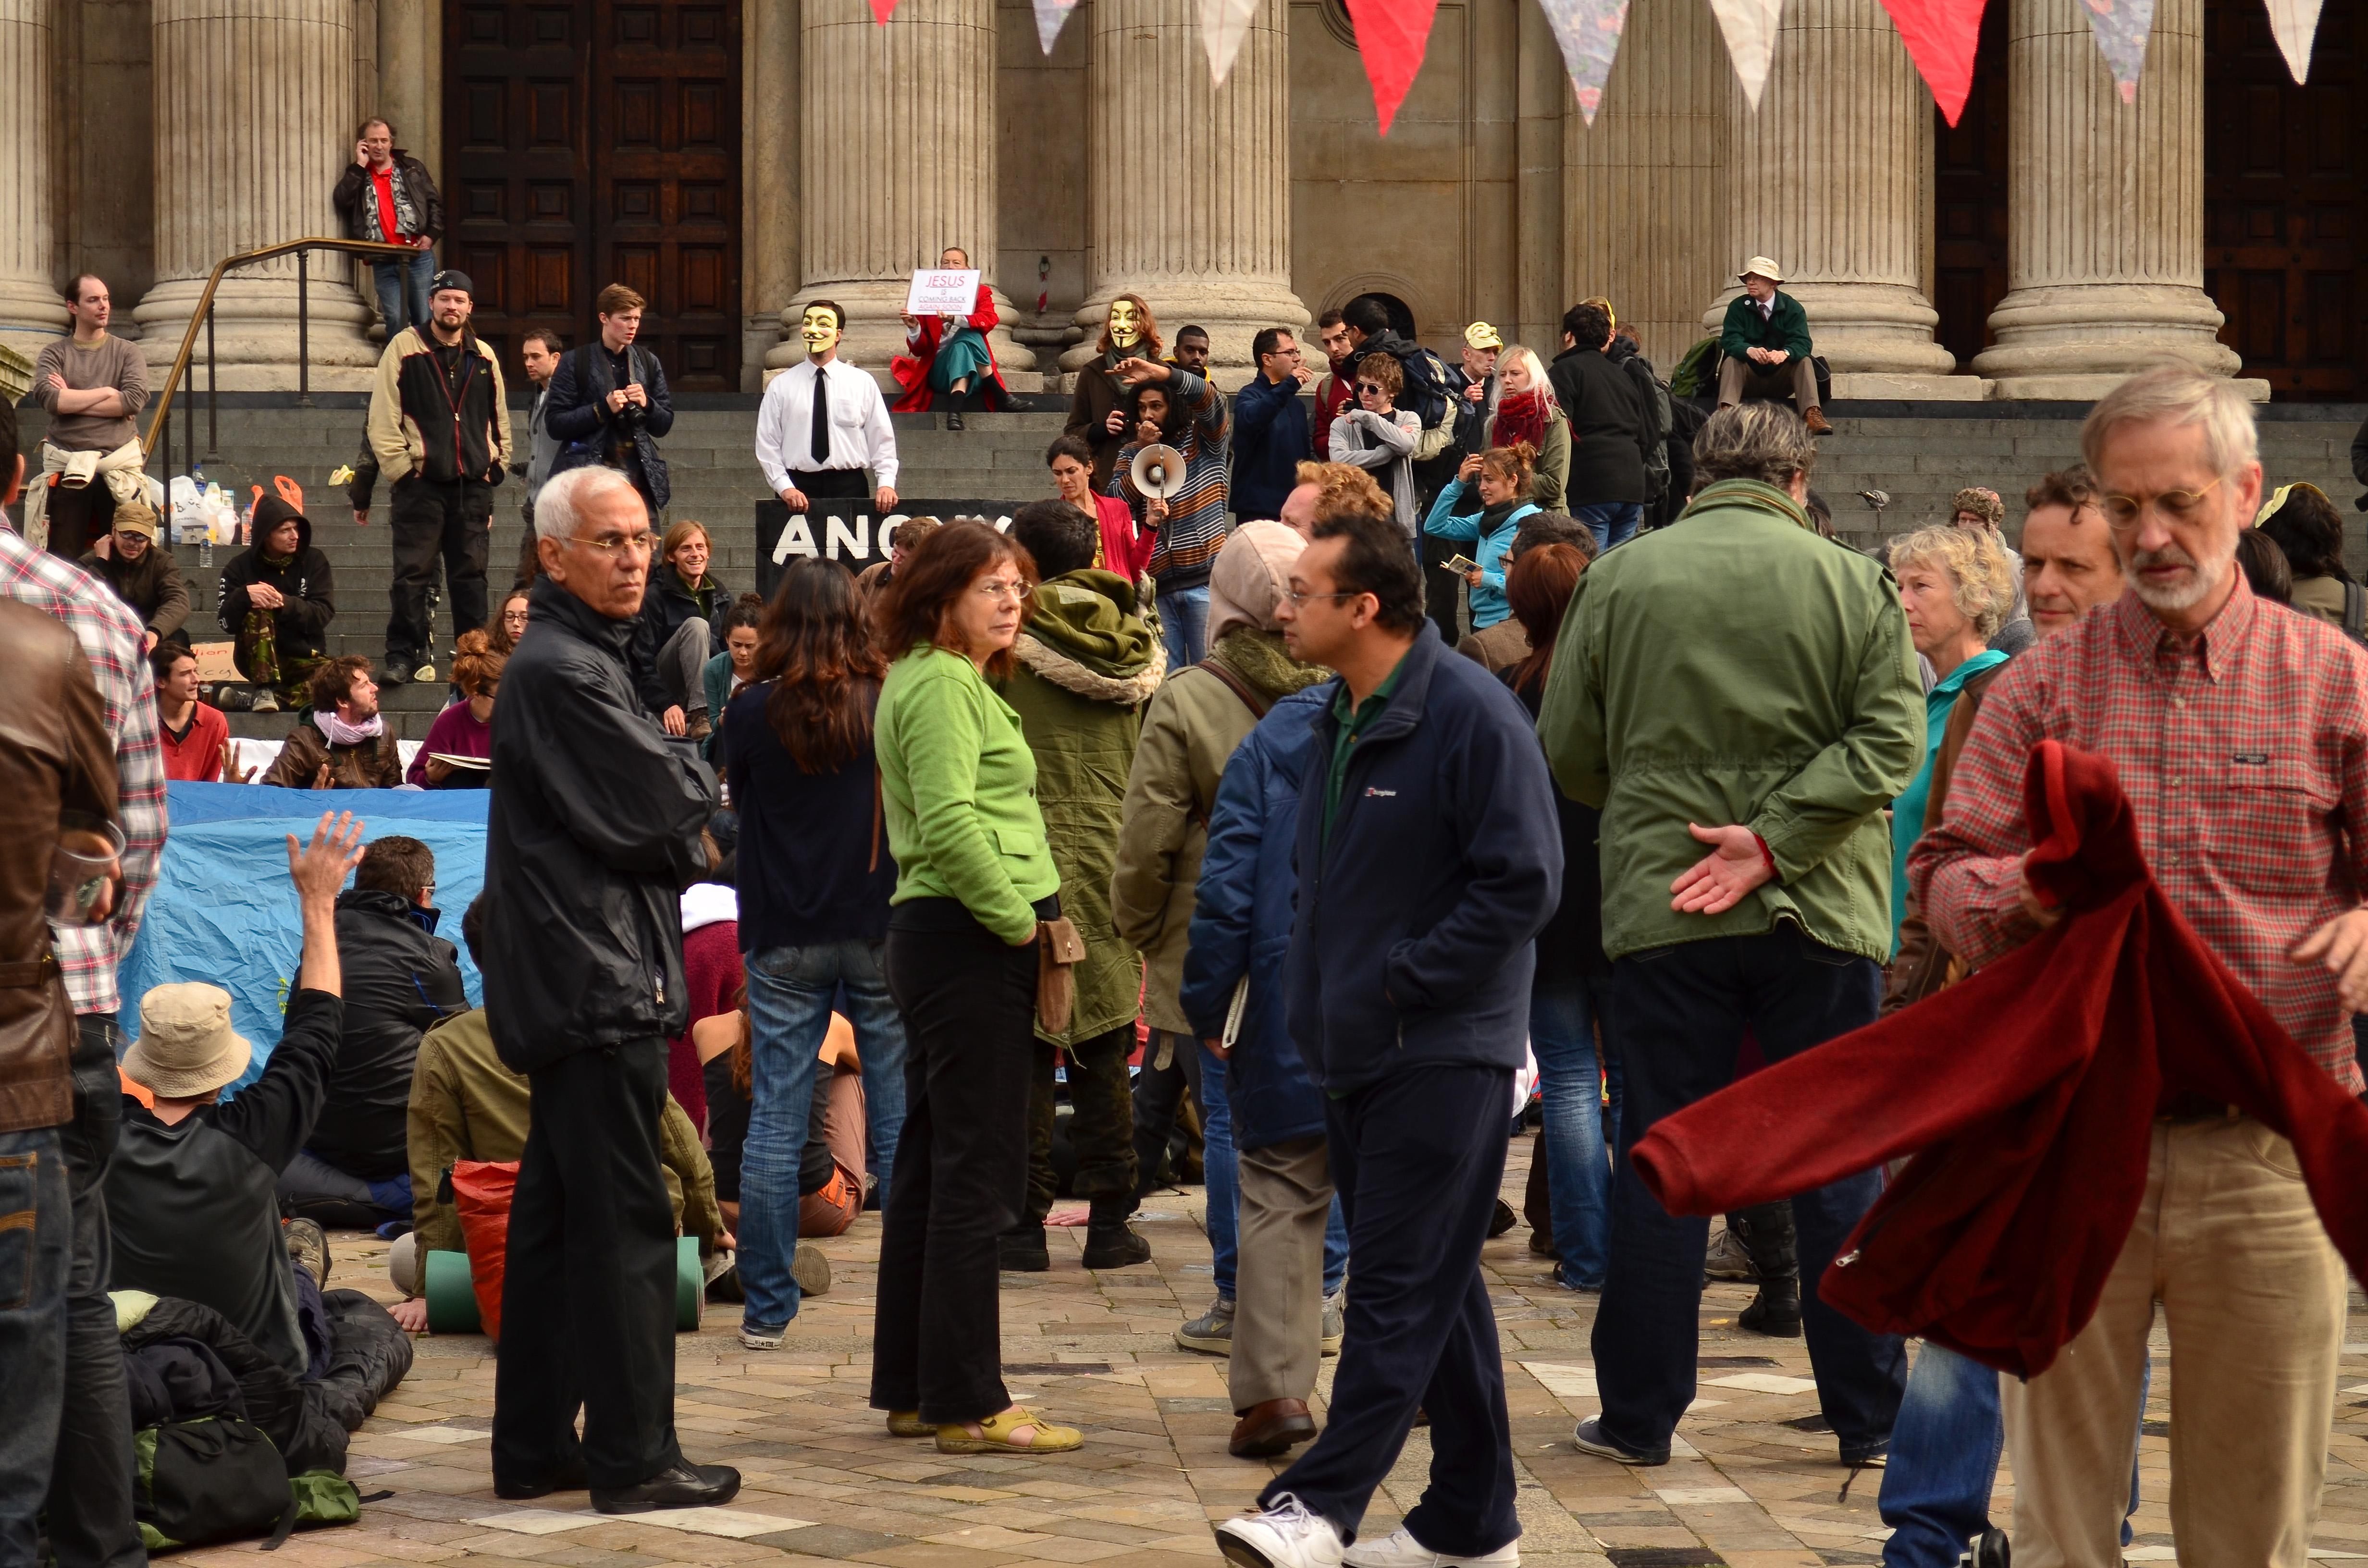 Occupy lsx 01 photo